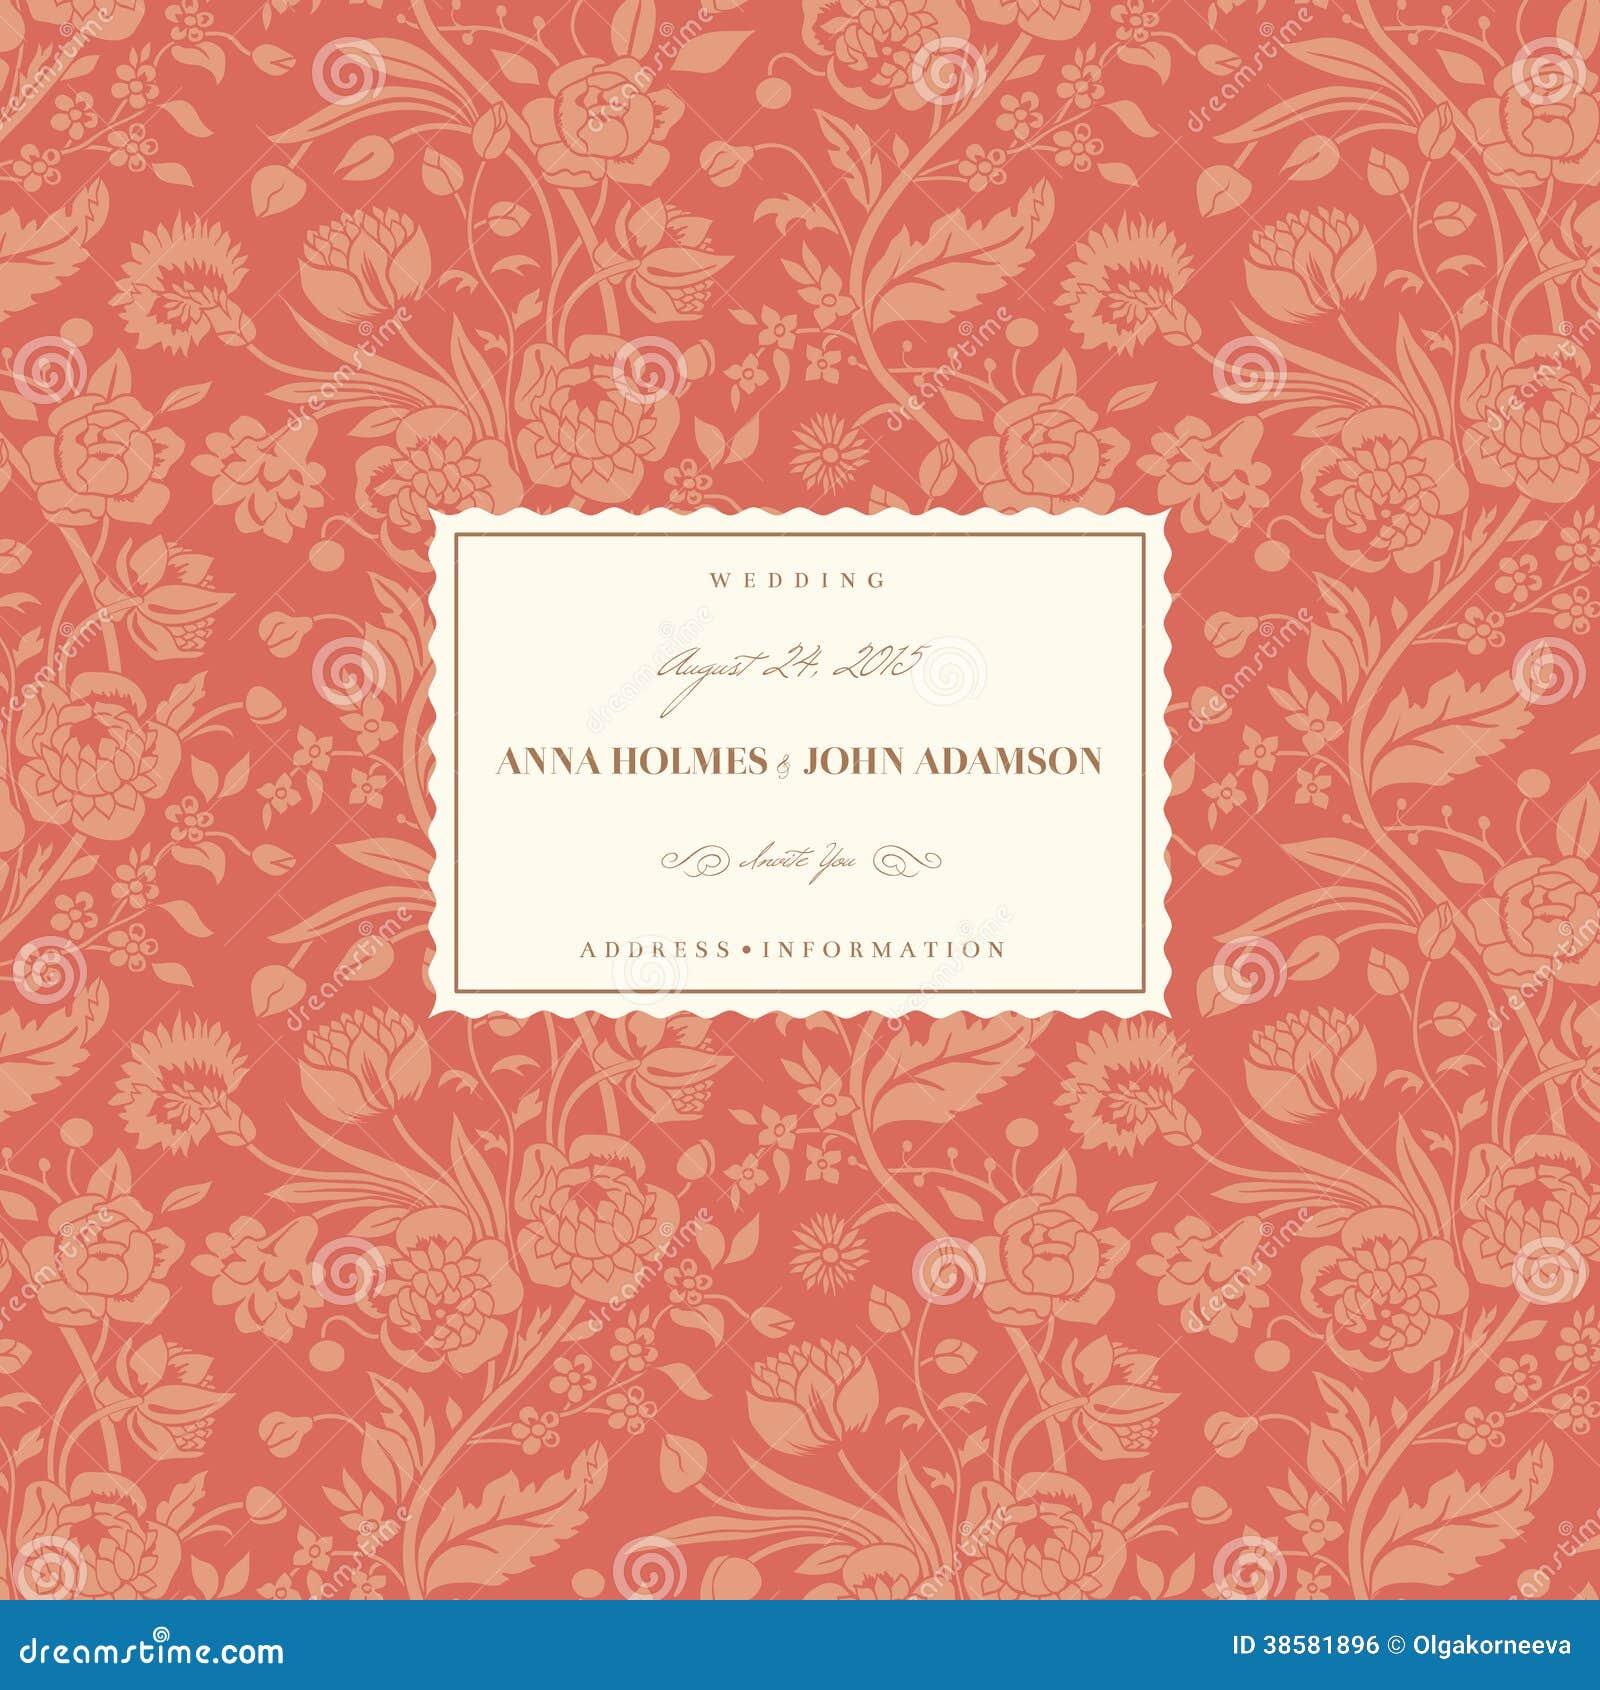 Z Coral Card Coral wedding card sto...